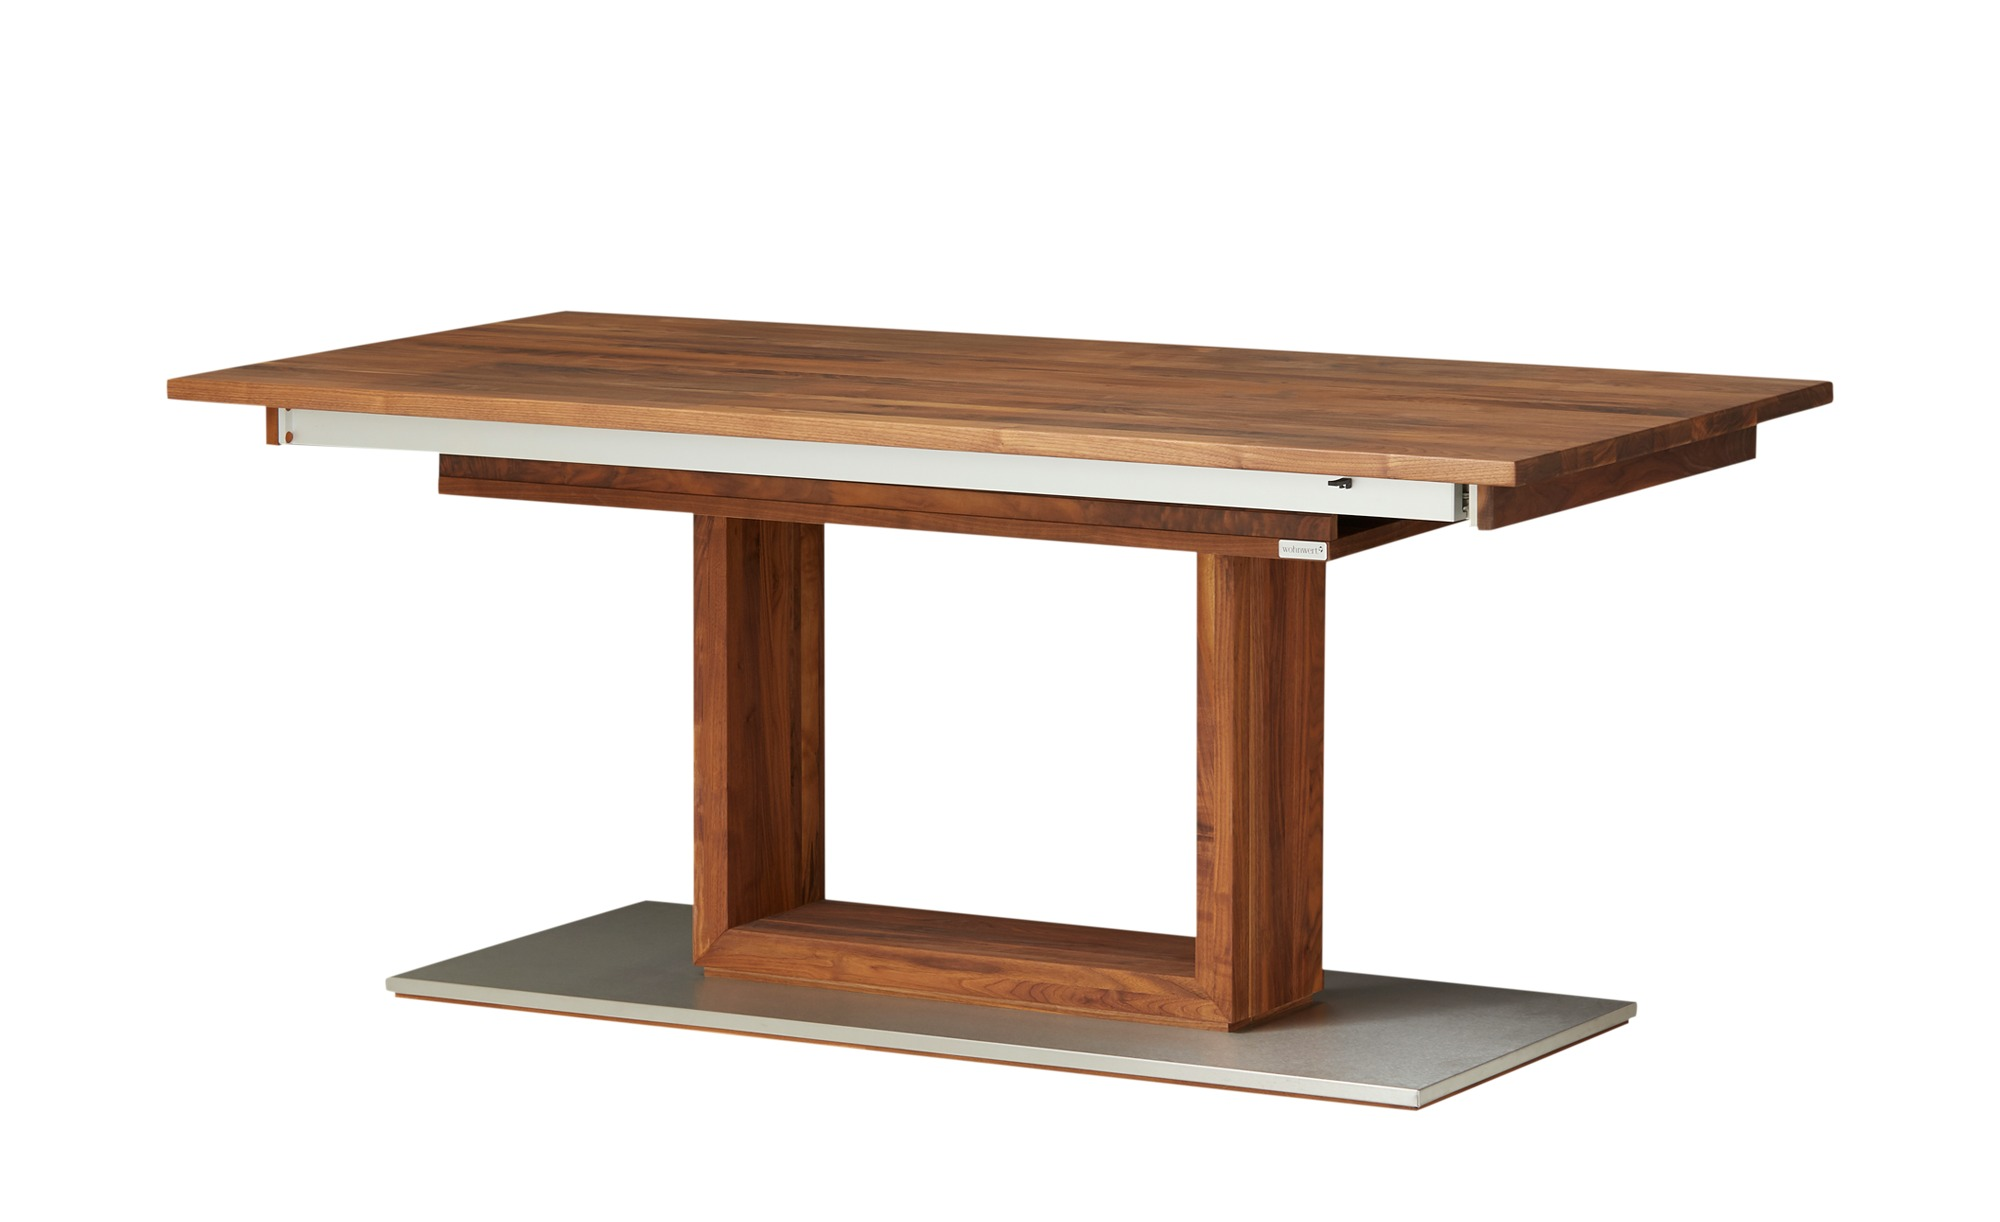 Wohnwert Esstisch  Der Säulentisch ¦ holzfarben ¦ Maße (cm): B: 90 H: 77 Tische > Esstische > Esstische massiv - Höffner